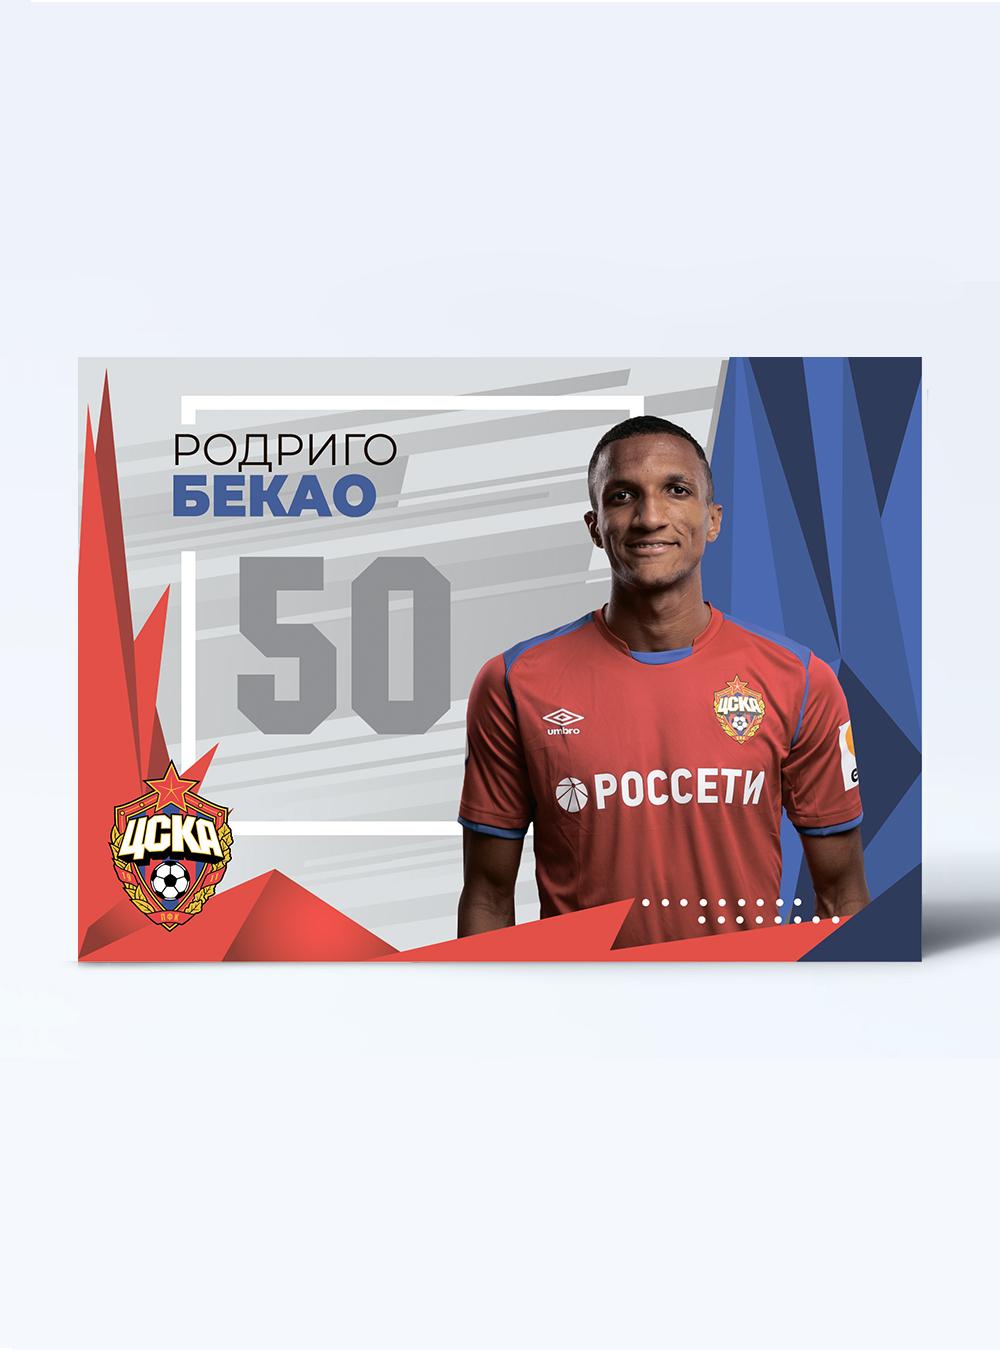 Карточка для автографа Бекао 2019/2020 фото